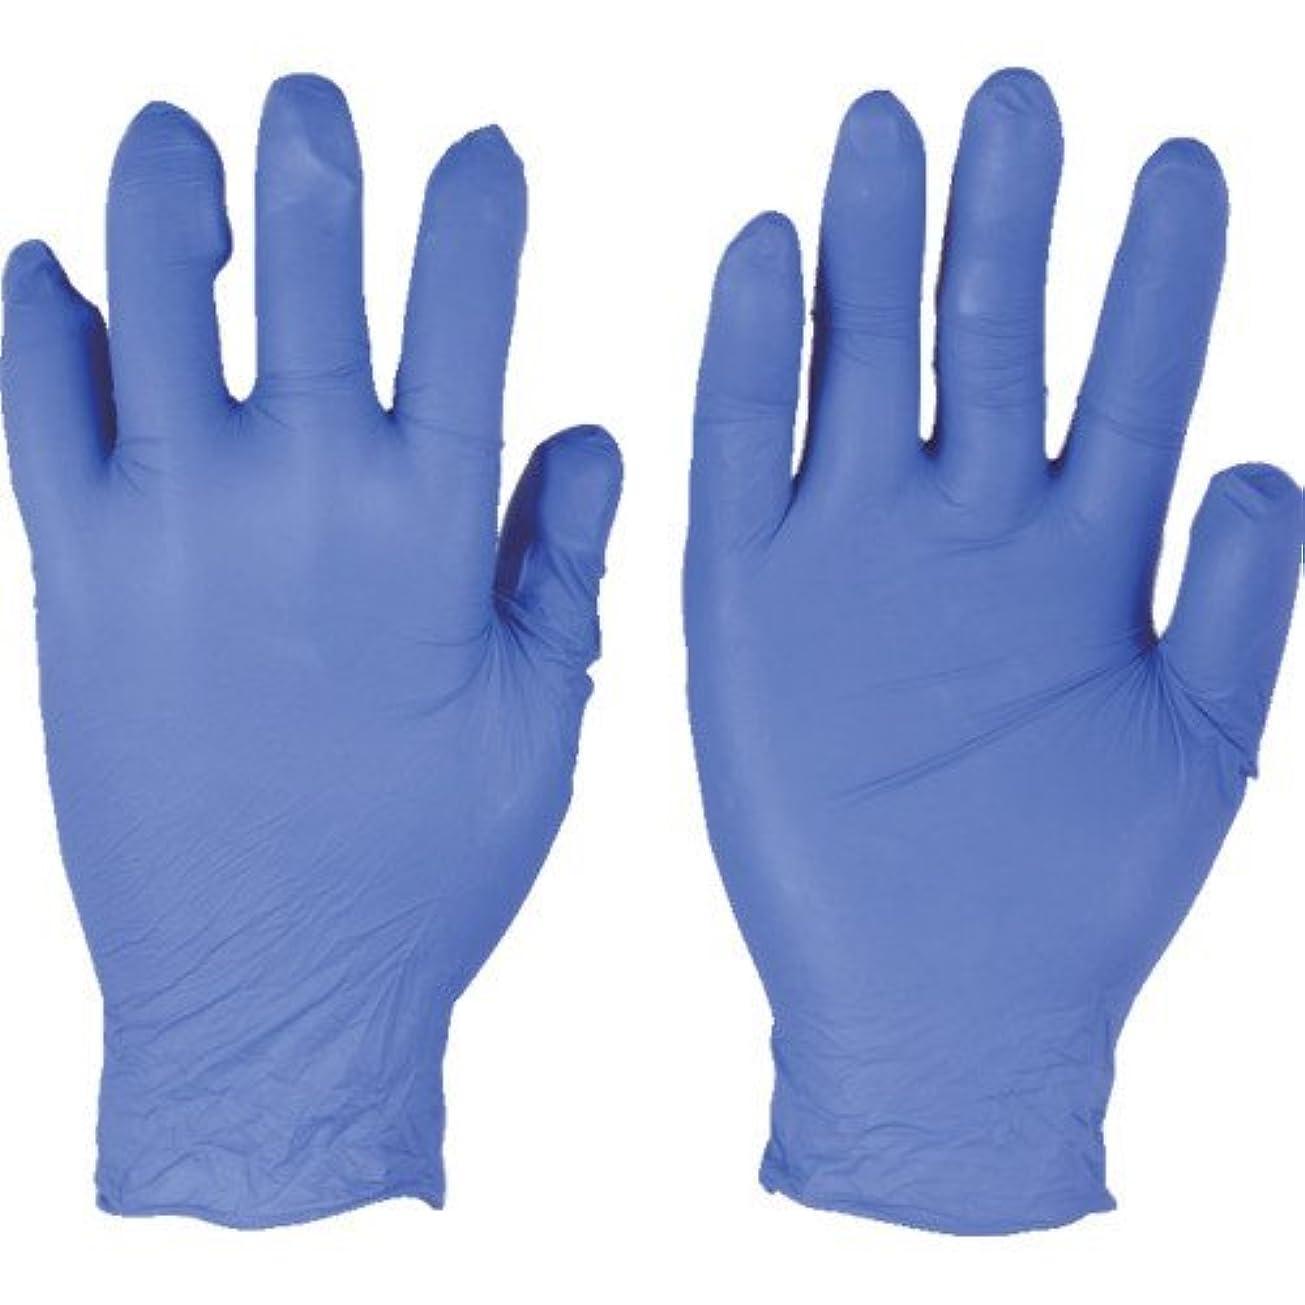 ミュウミュウ治安判事地元トラスコ中山 アンセル ニトリルゴム使い捨て手袋 エッジ 82-133 Lサイズ(300枚入り)  (300枚入) 821339